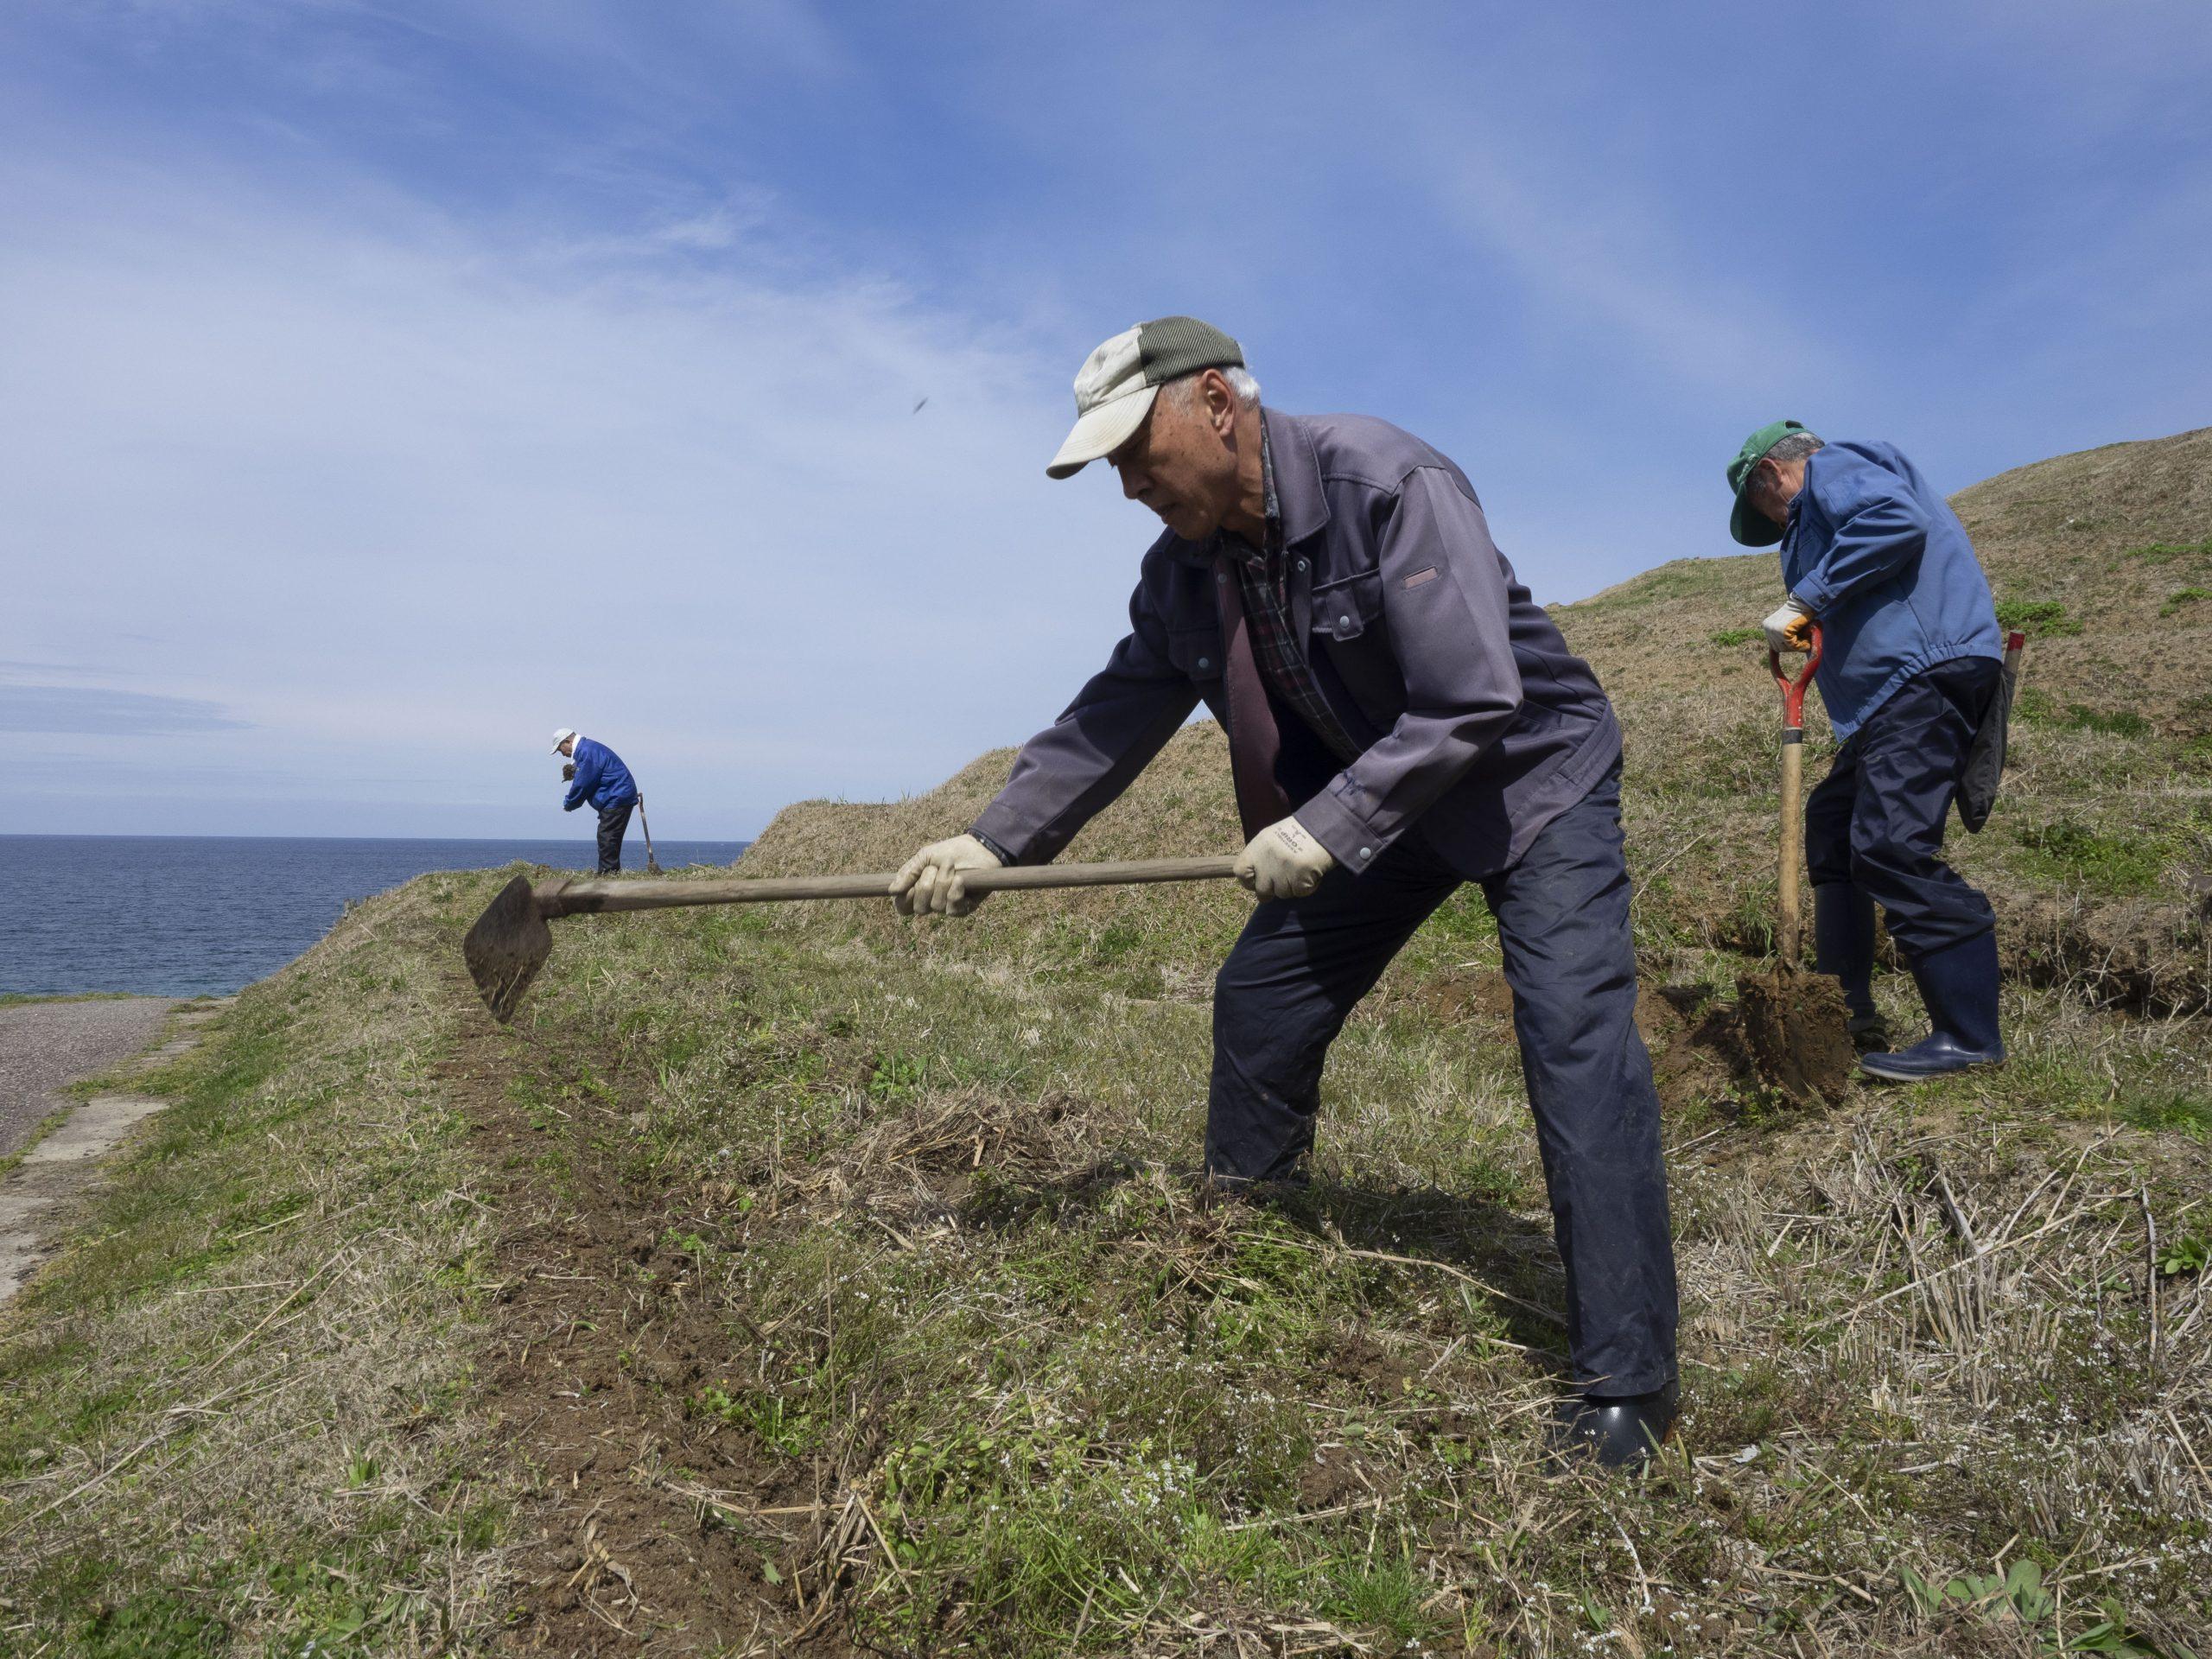 今日の白米千枚田|畔直しが行われました。平らに削れてしまった畔だけを手作業で直していきます。